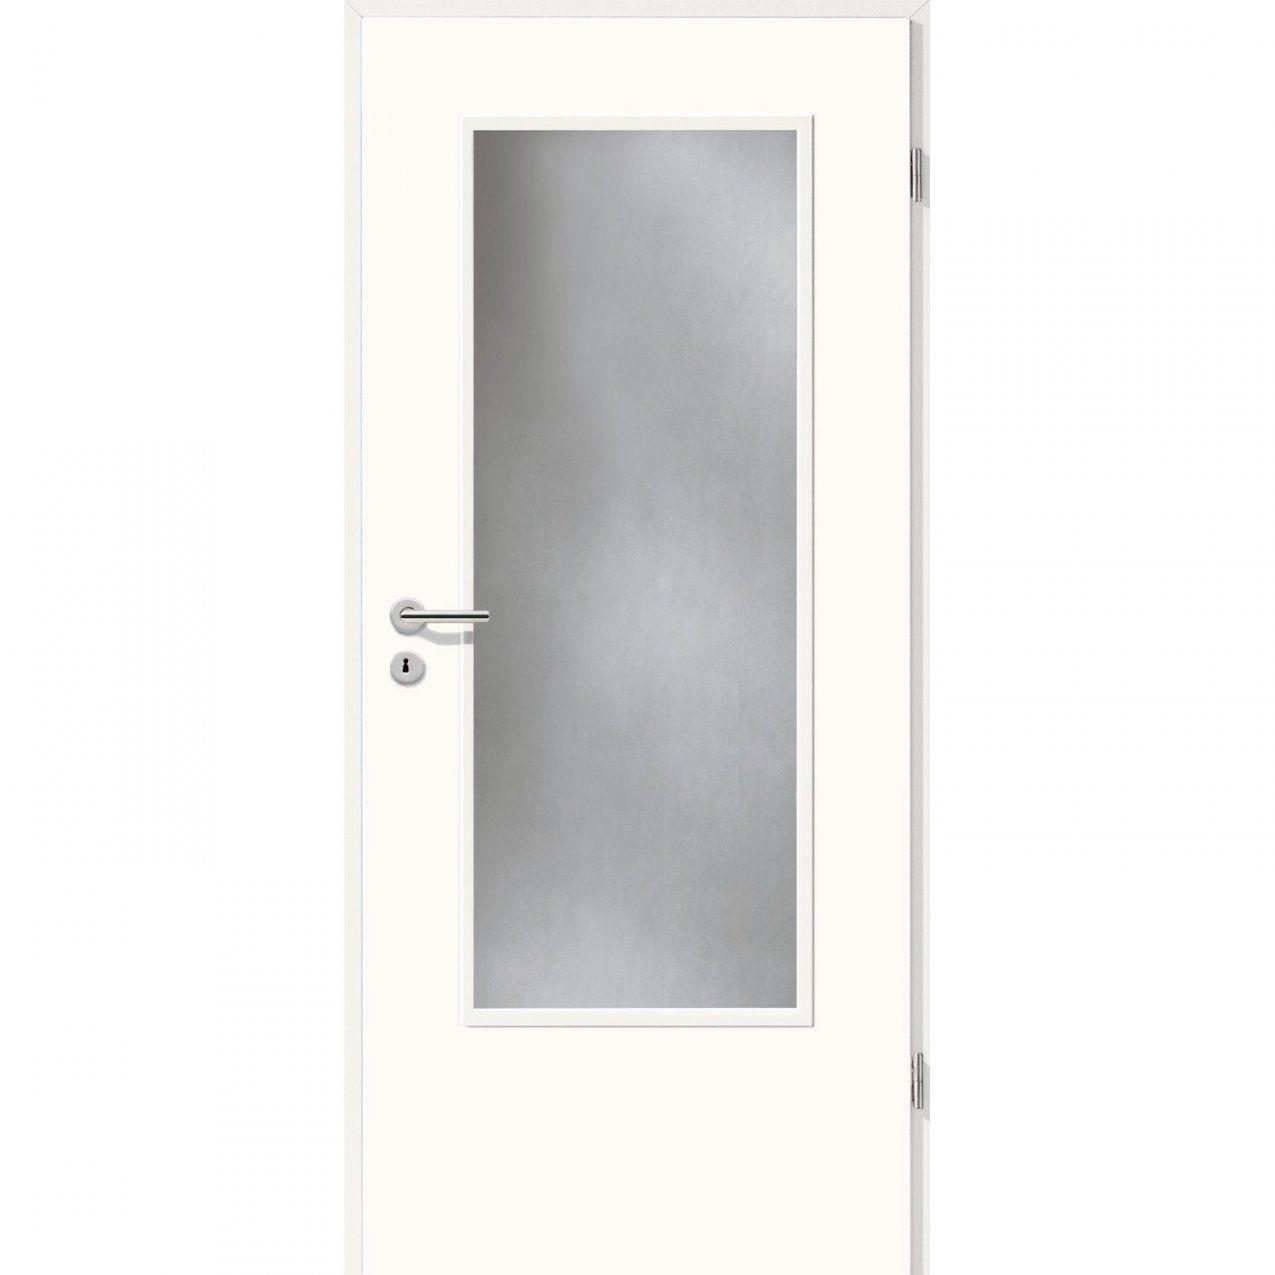 Zimmertüren & Zargen Online Kaufen Bei Obi von Zimmertüren Mit Zarge Restposten Bild